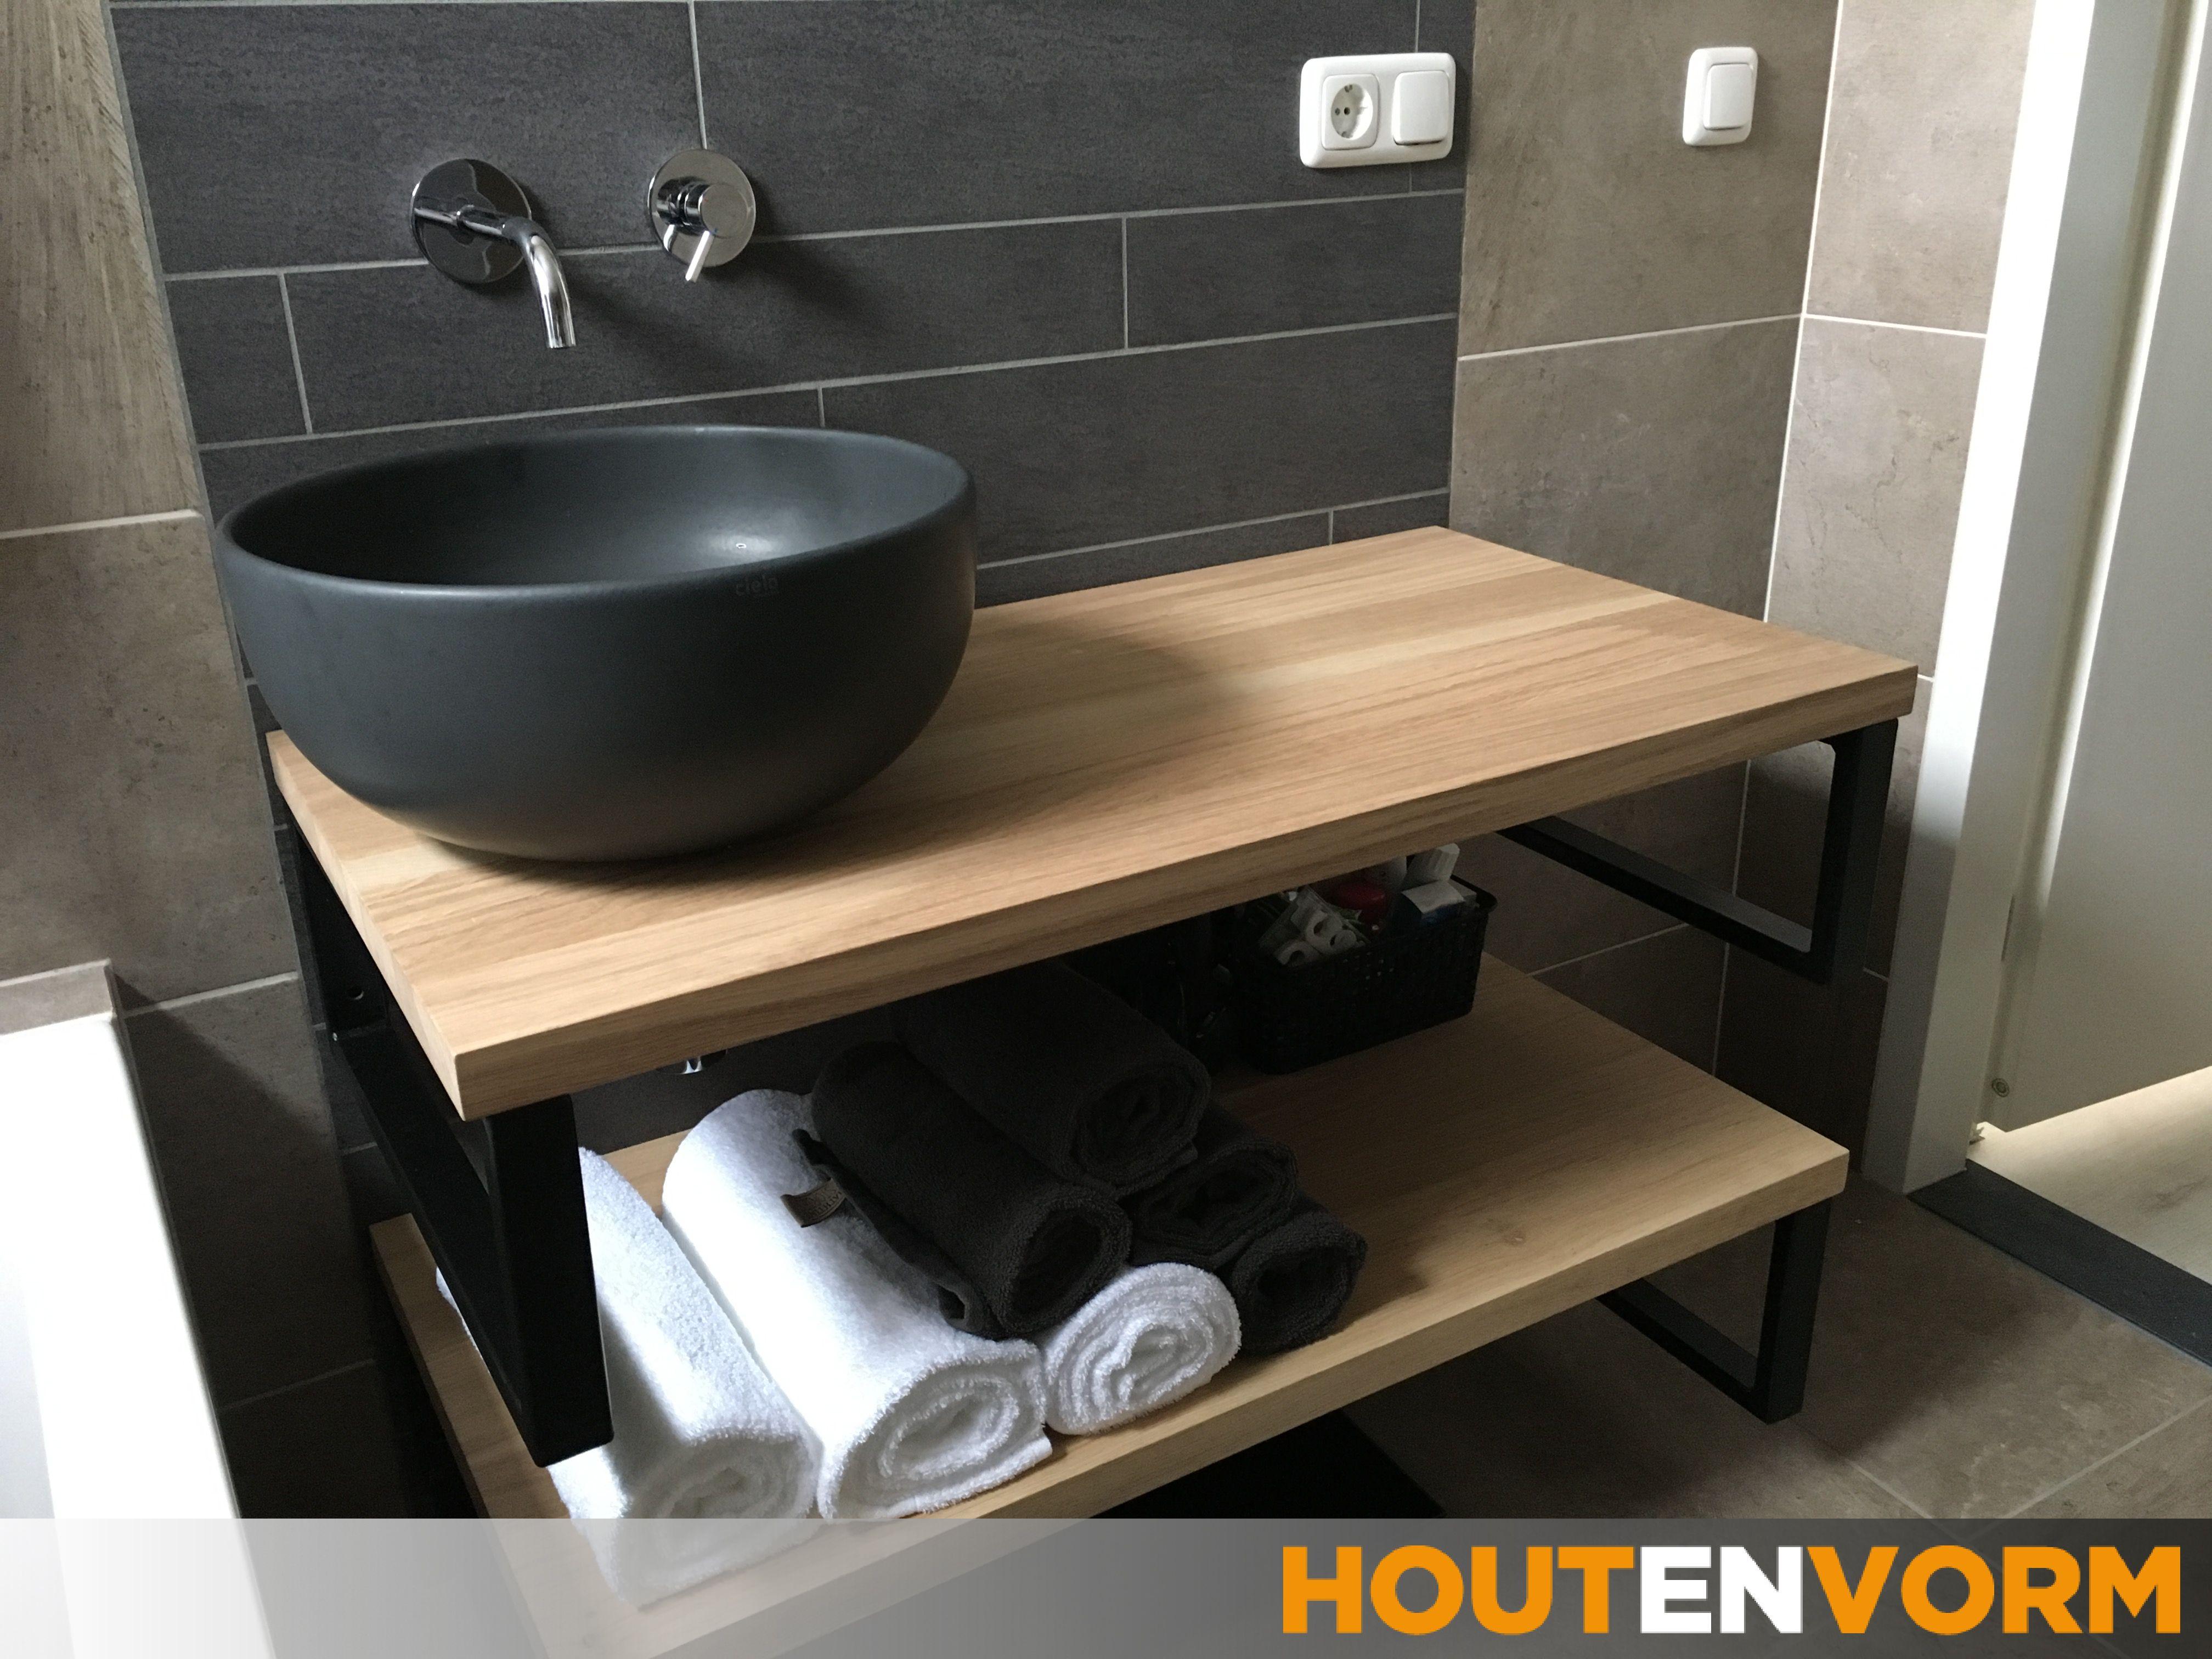 Mooie Wastafels Badkamer : Een mooie ruimtebesparende oplossing voor in de badkamer wastafel